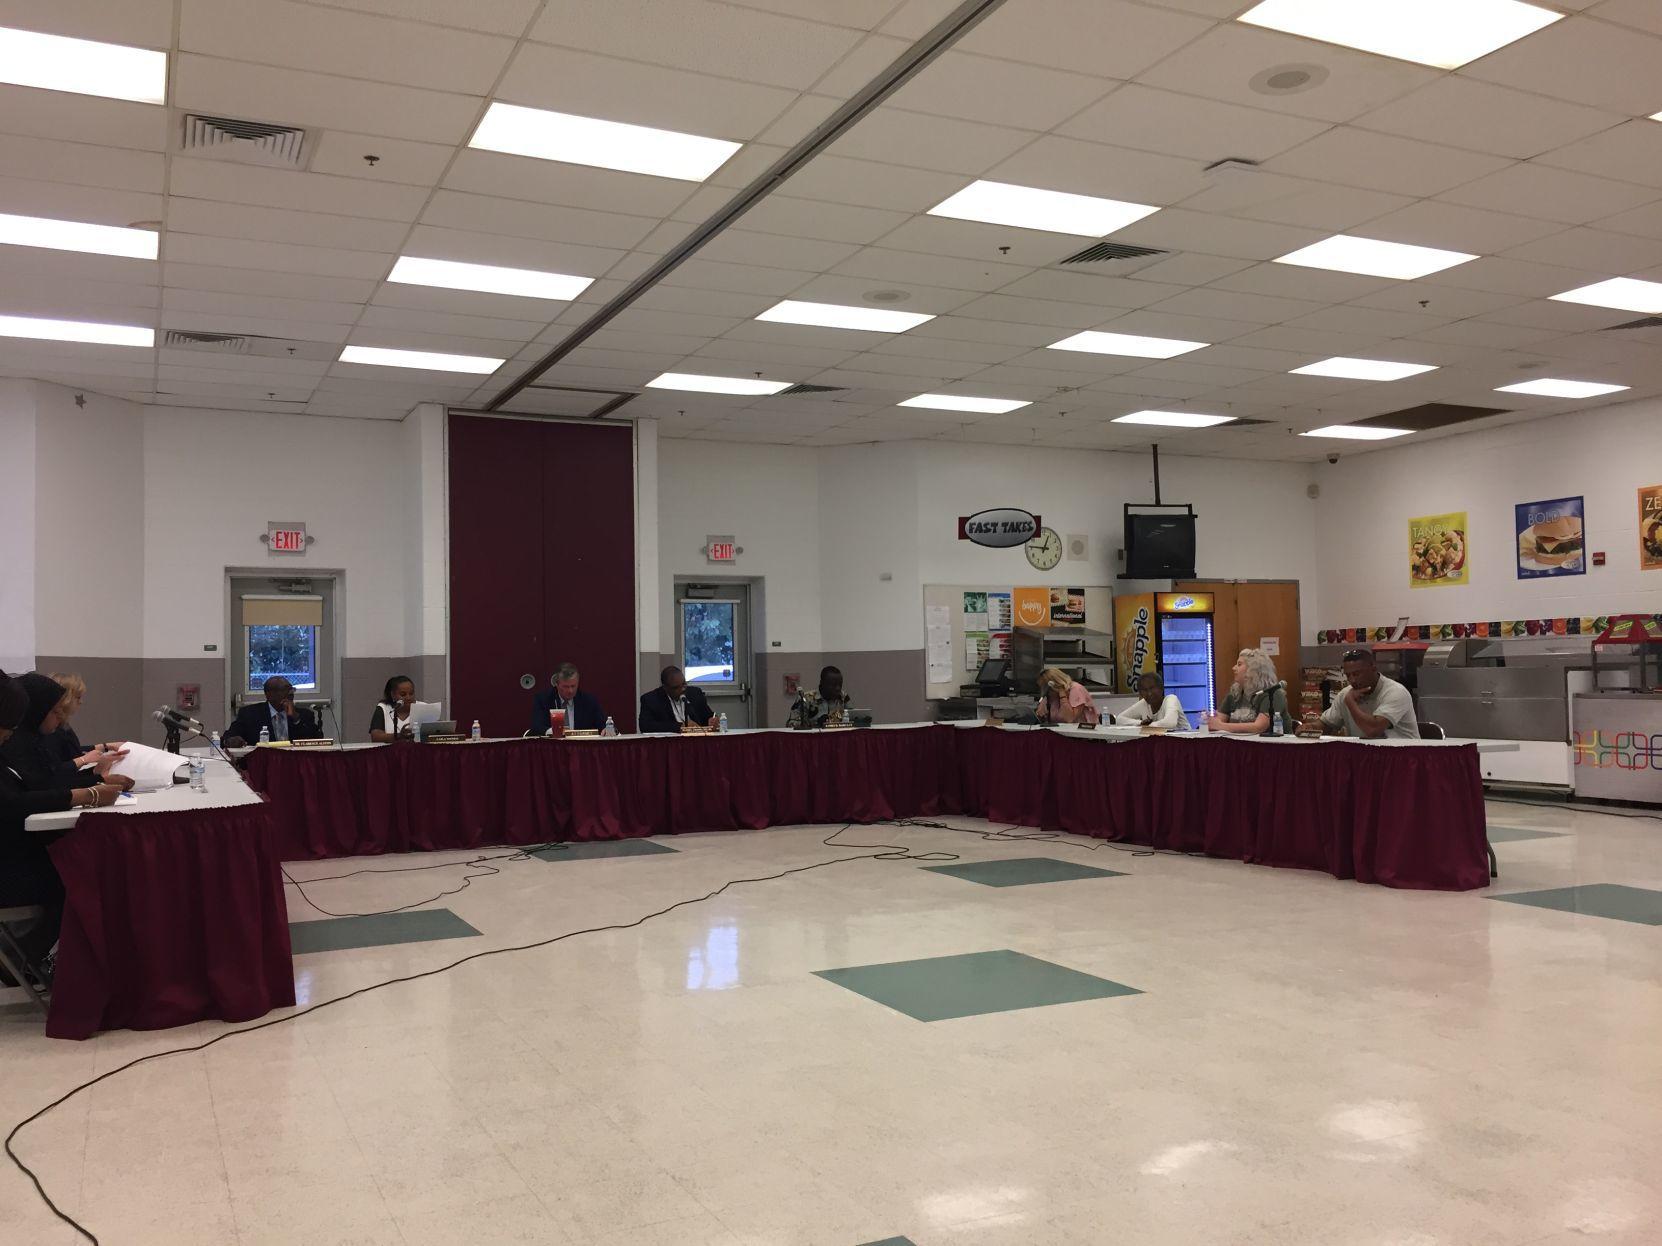 Pleasantville school board